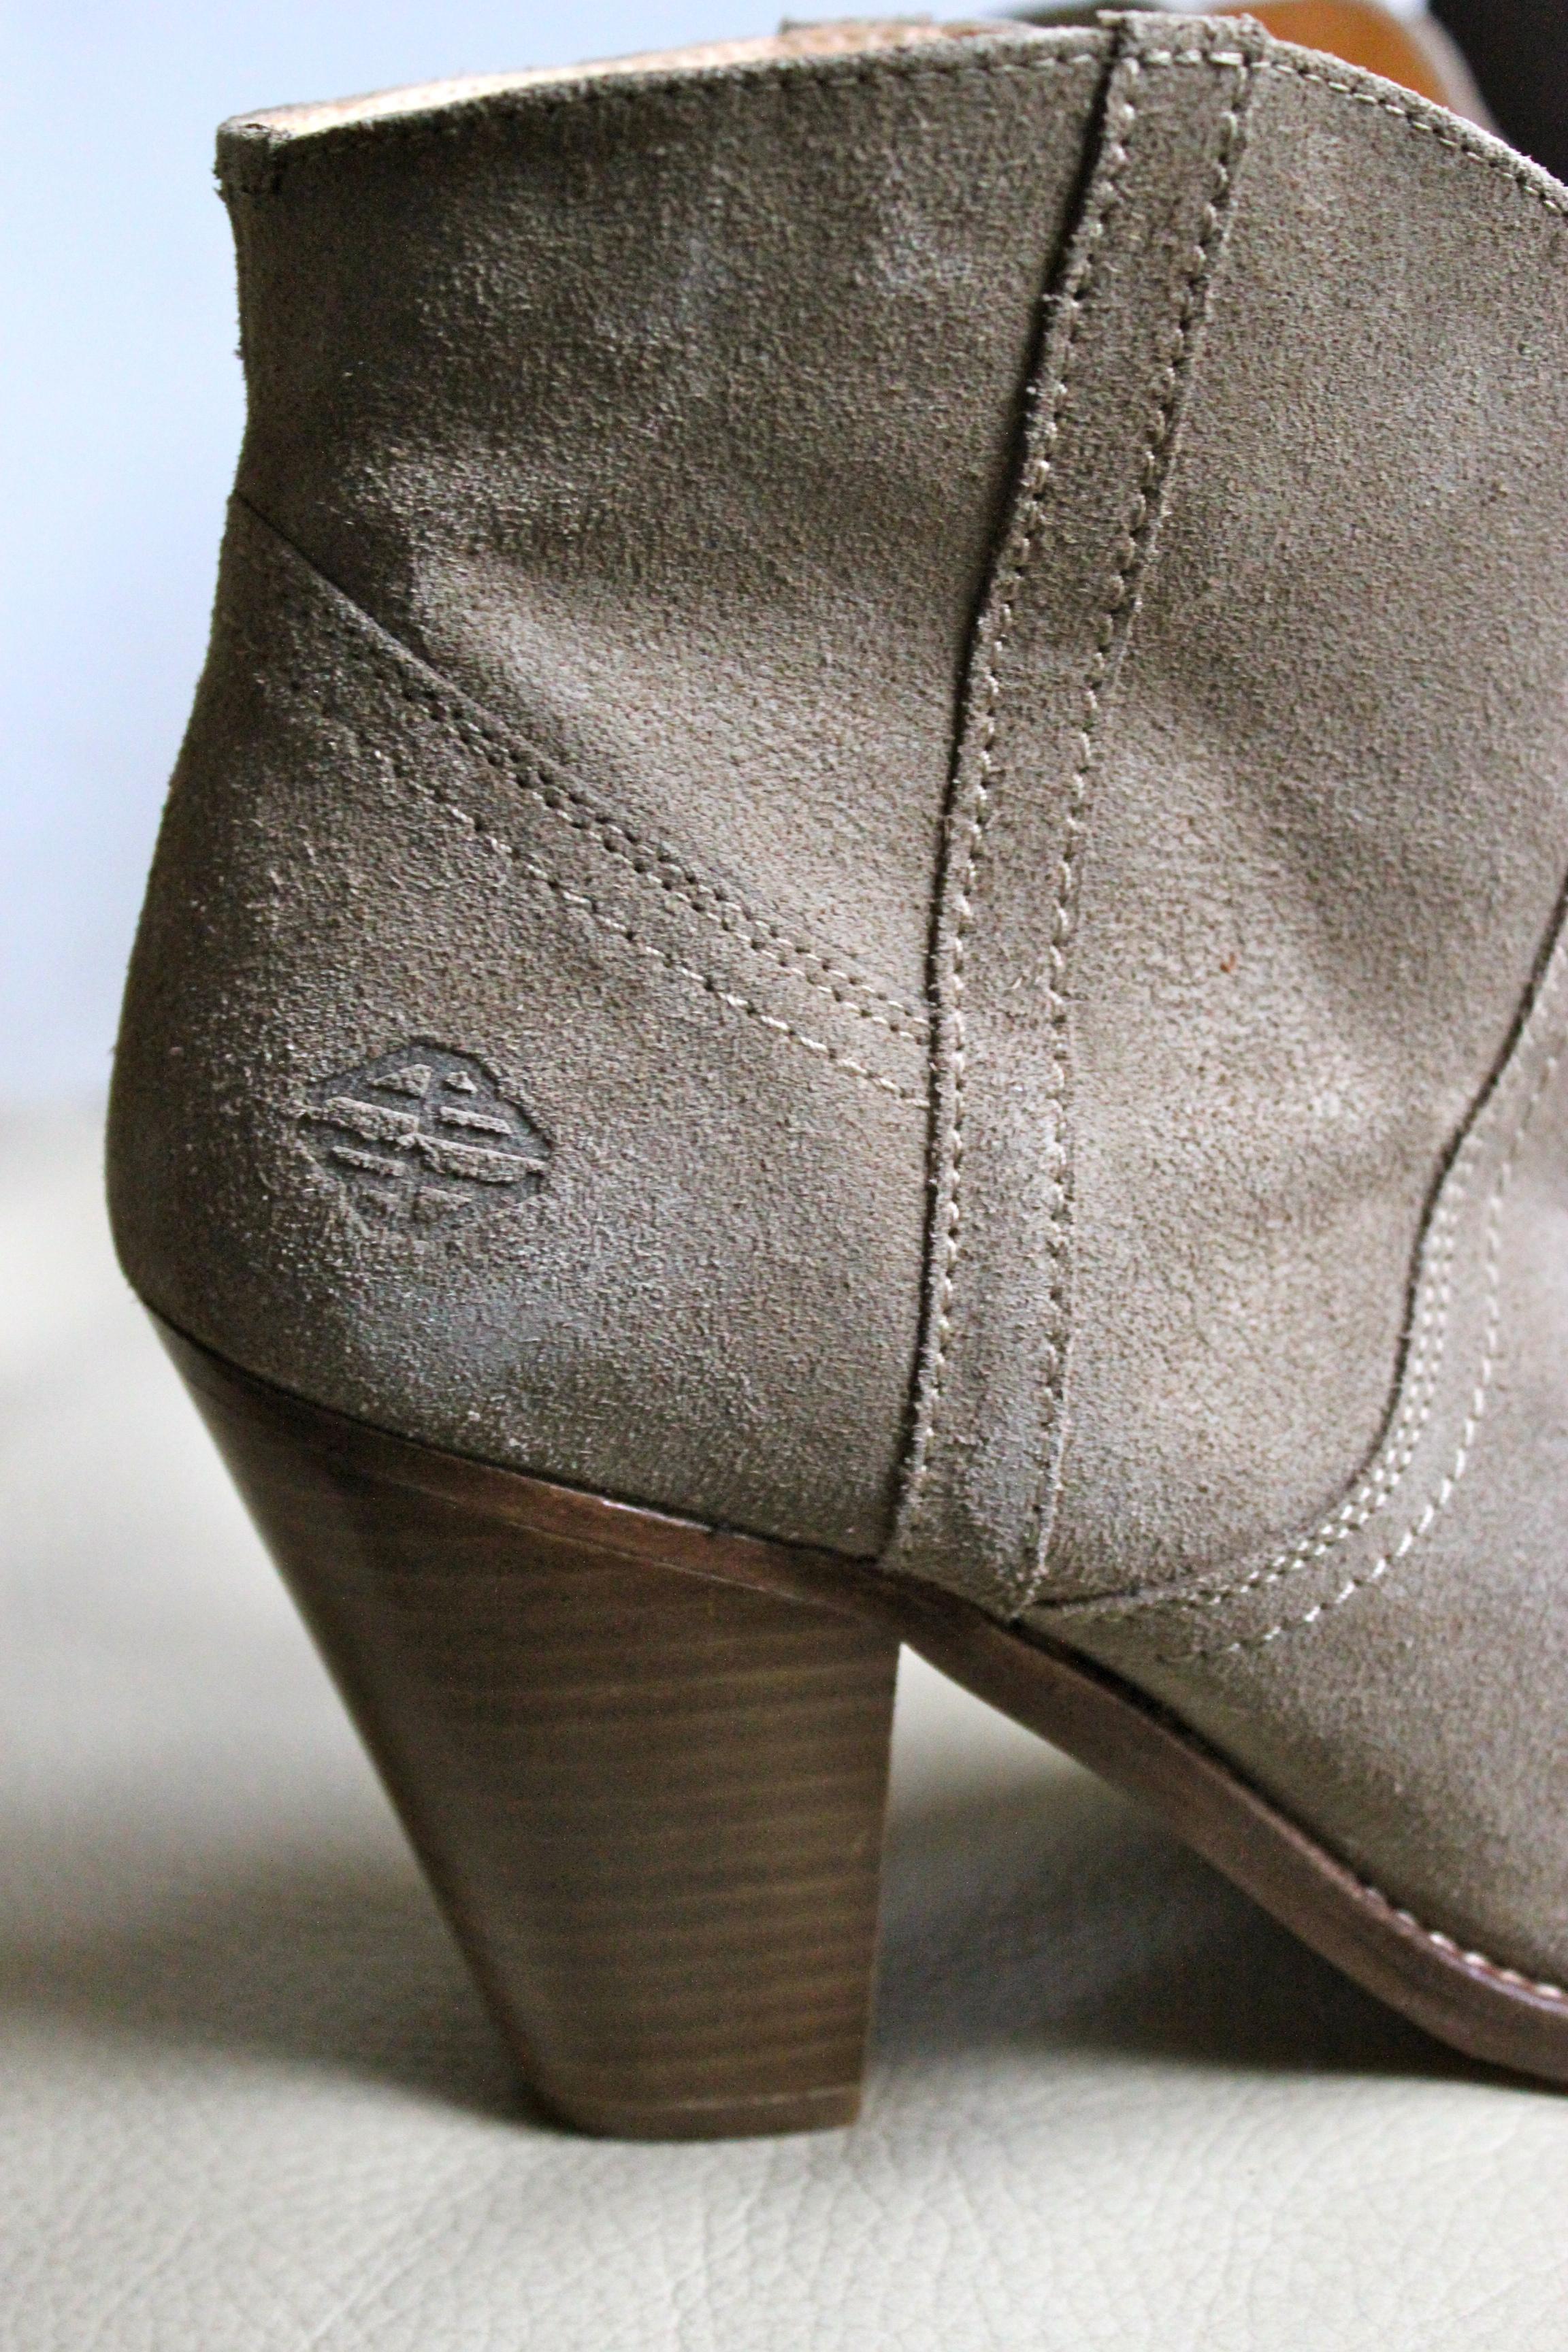 *Ces bottines sont parfaites à mon goût: le talon n'est pas trop haut, elles sont stables et confortables, très bien finies, tout en cuir et cette couleur